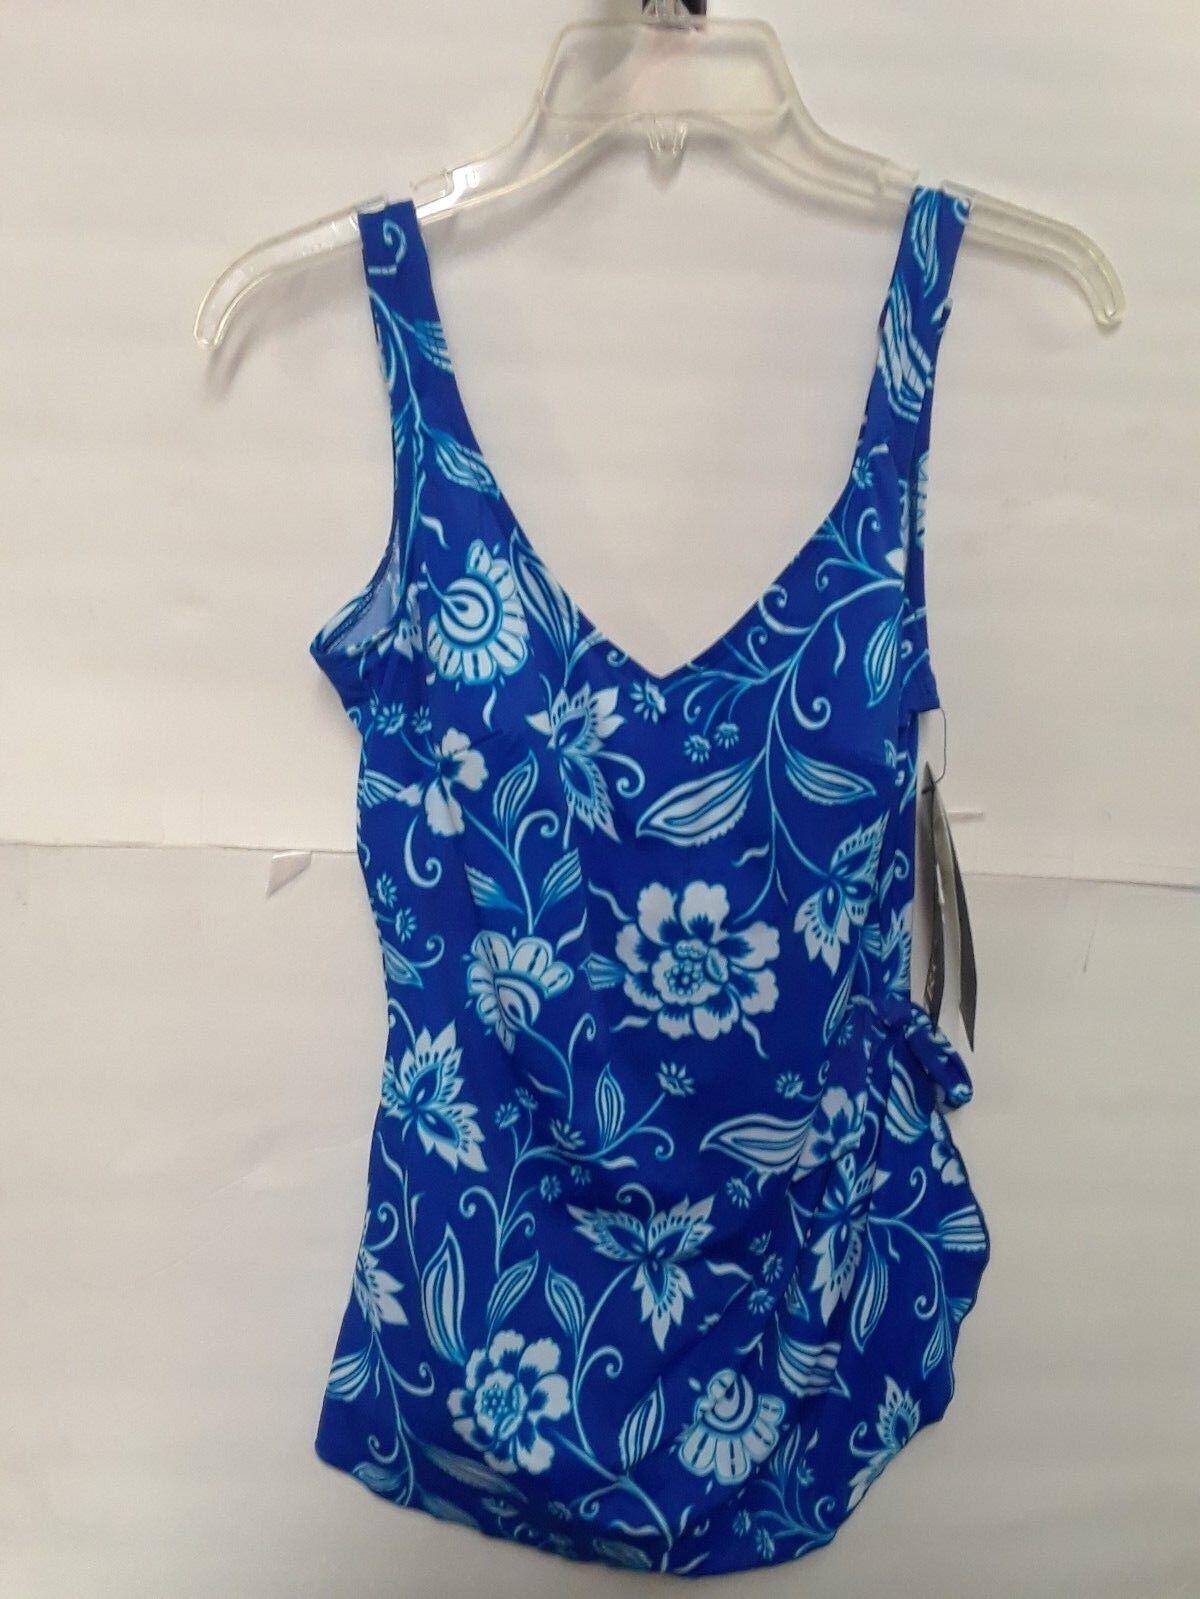 New Roxanne plus size swim wear size 14 cup 38D bluee pattern BNWT